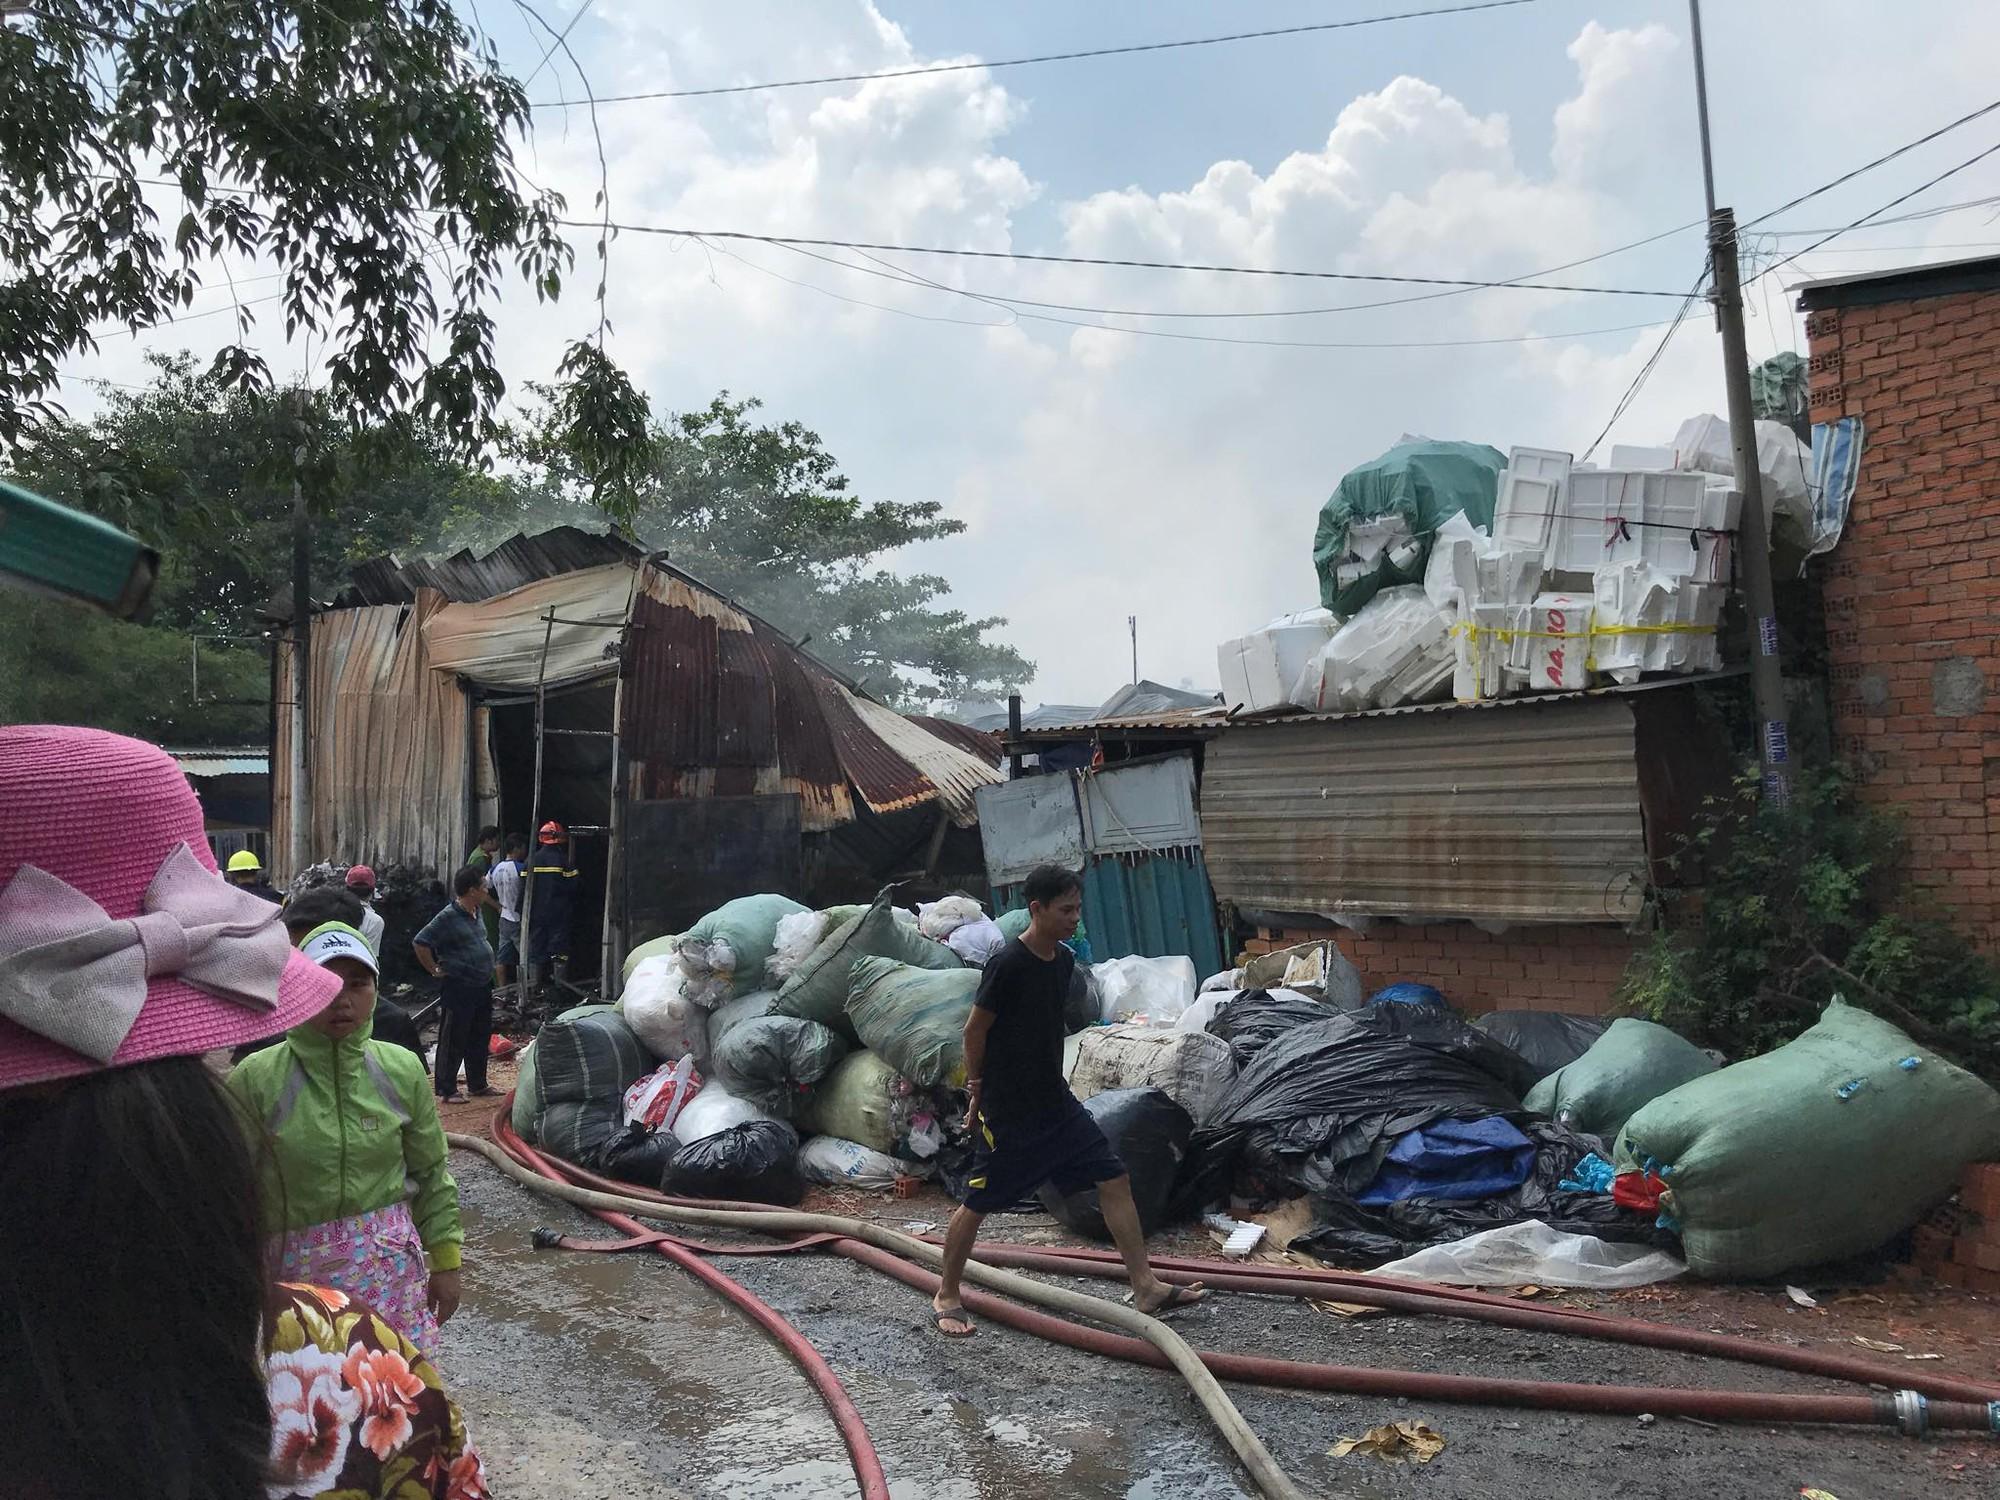 Khói lửa bao trùm cơ sở thu mua ve chai cạnh dãy nhà trọ ở Sài Gòn, hàng chục người bỏ chạy tán loạn - Ảnh 3.